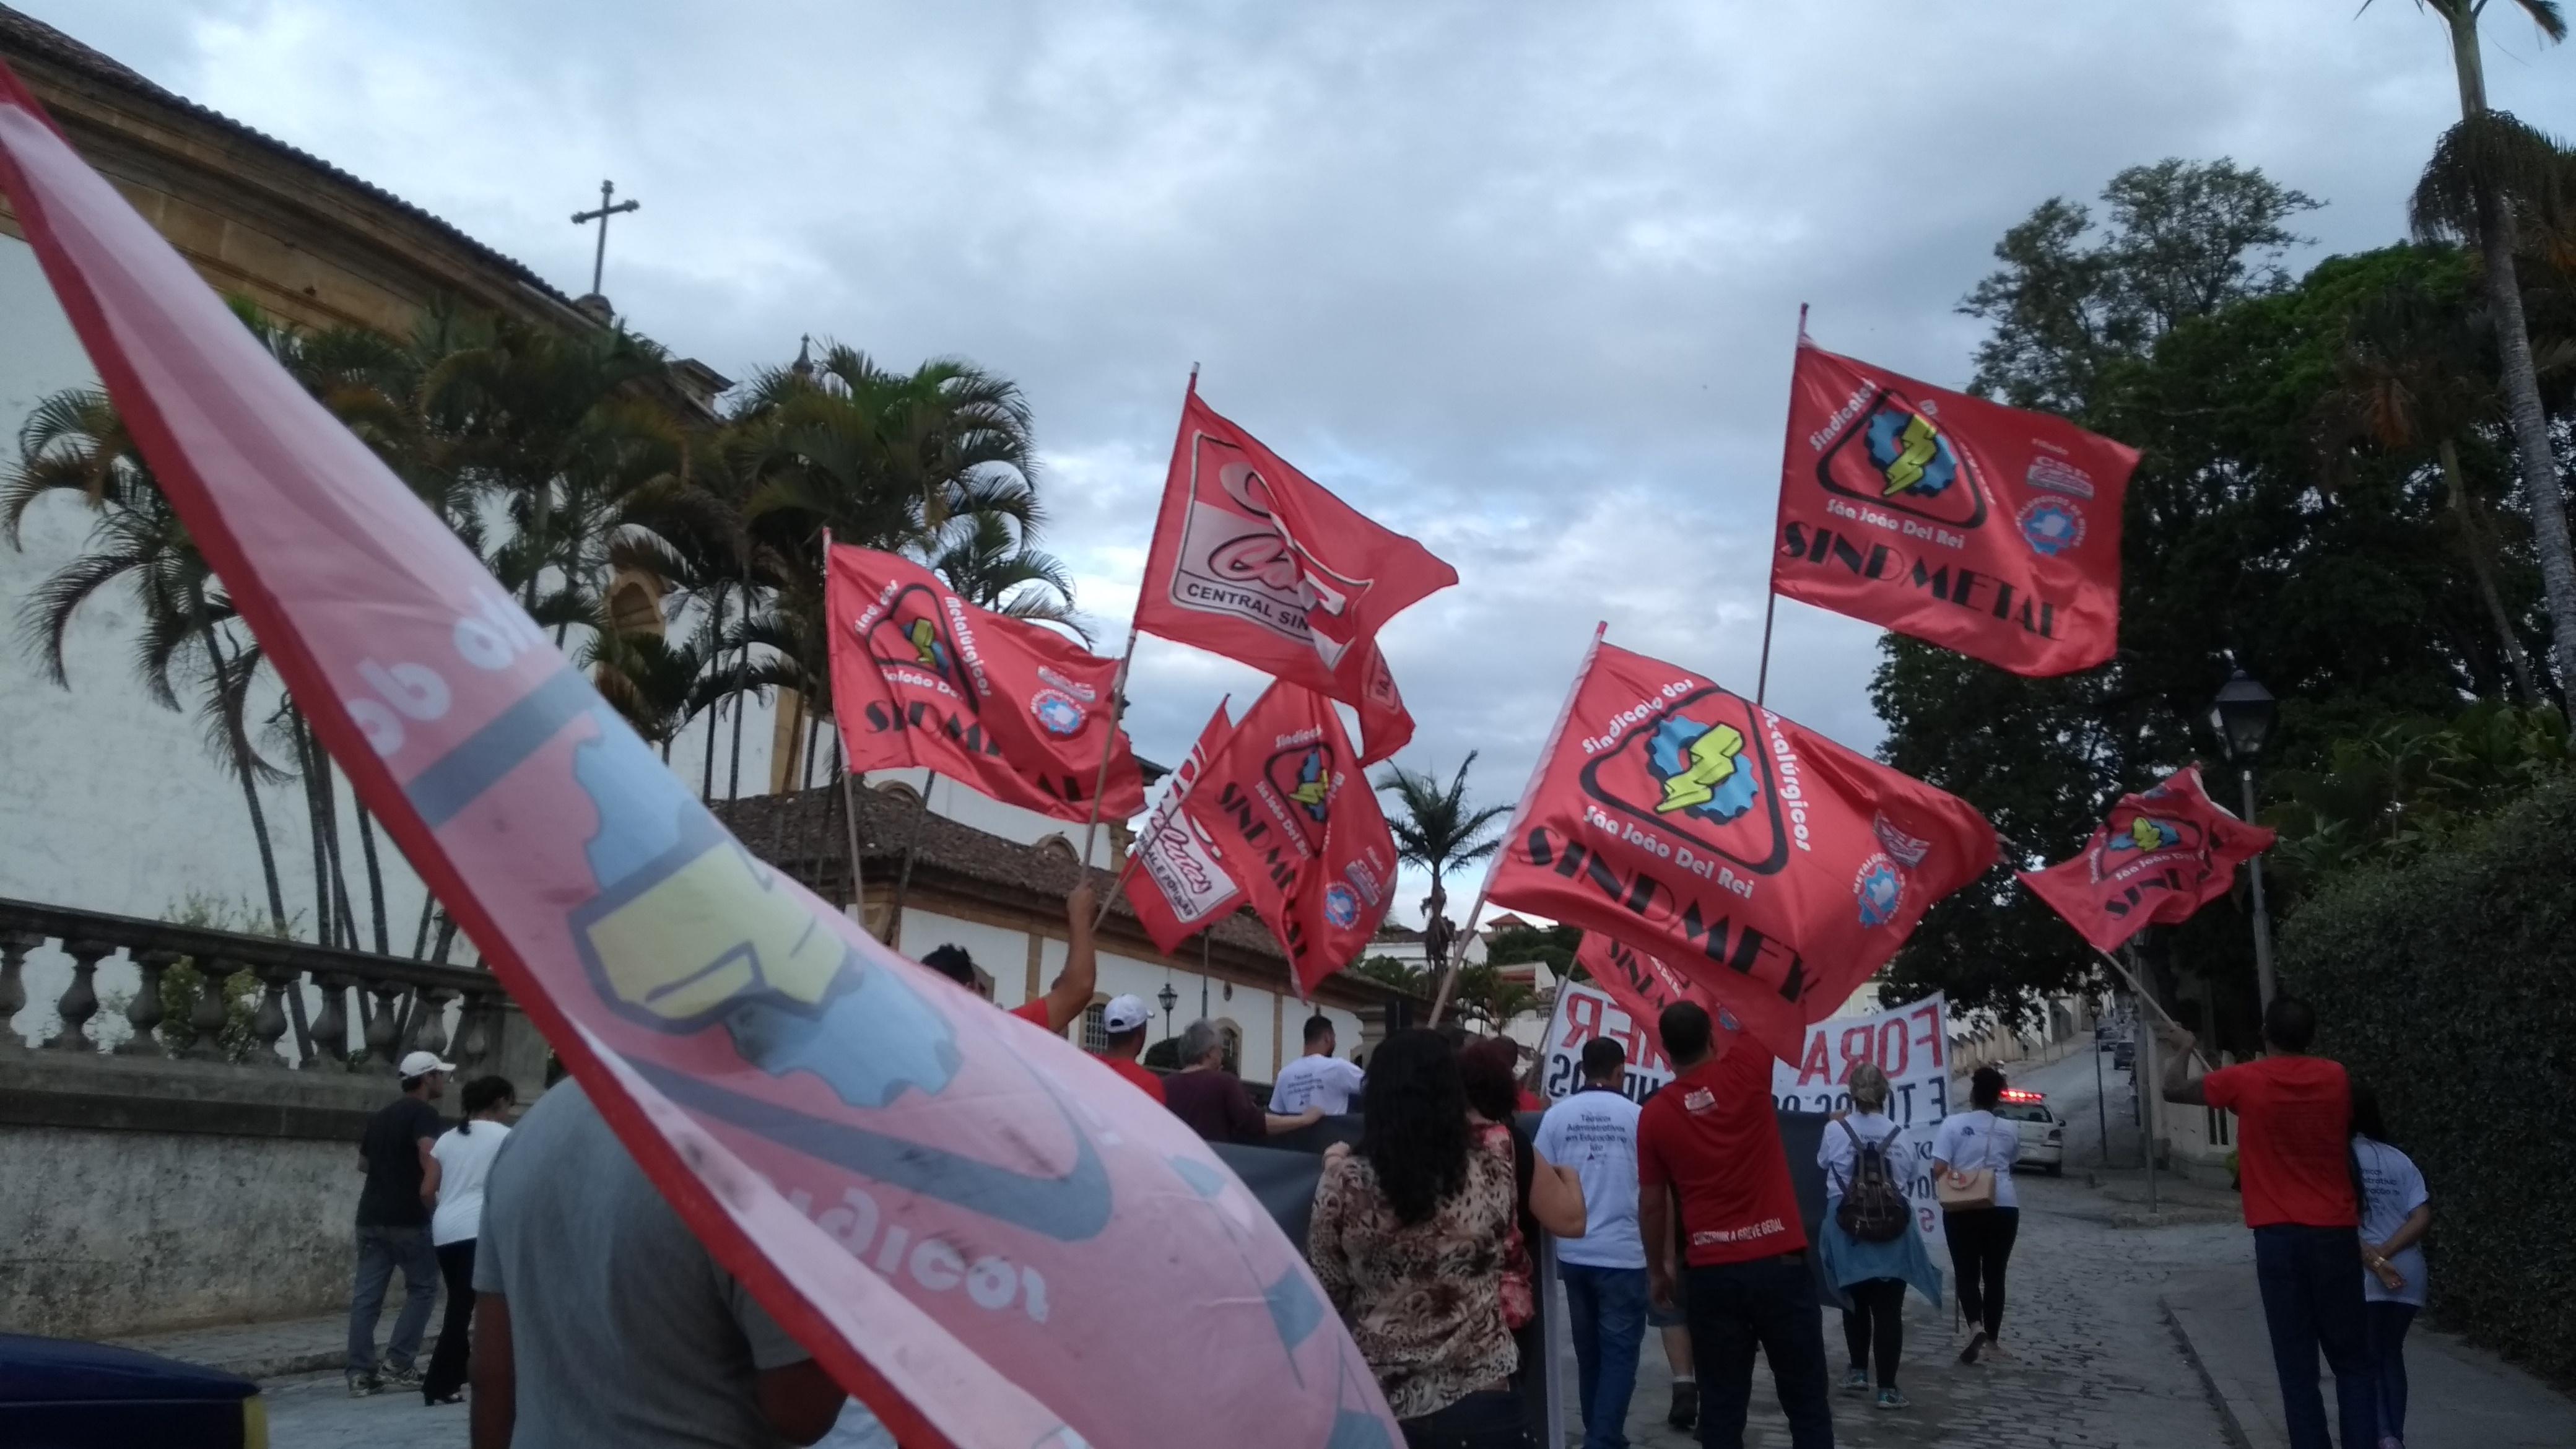 Reformas Trabalhista e Previdenciária geram novo ato em São João del-Rei